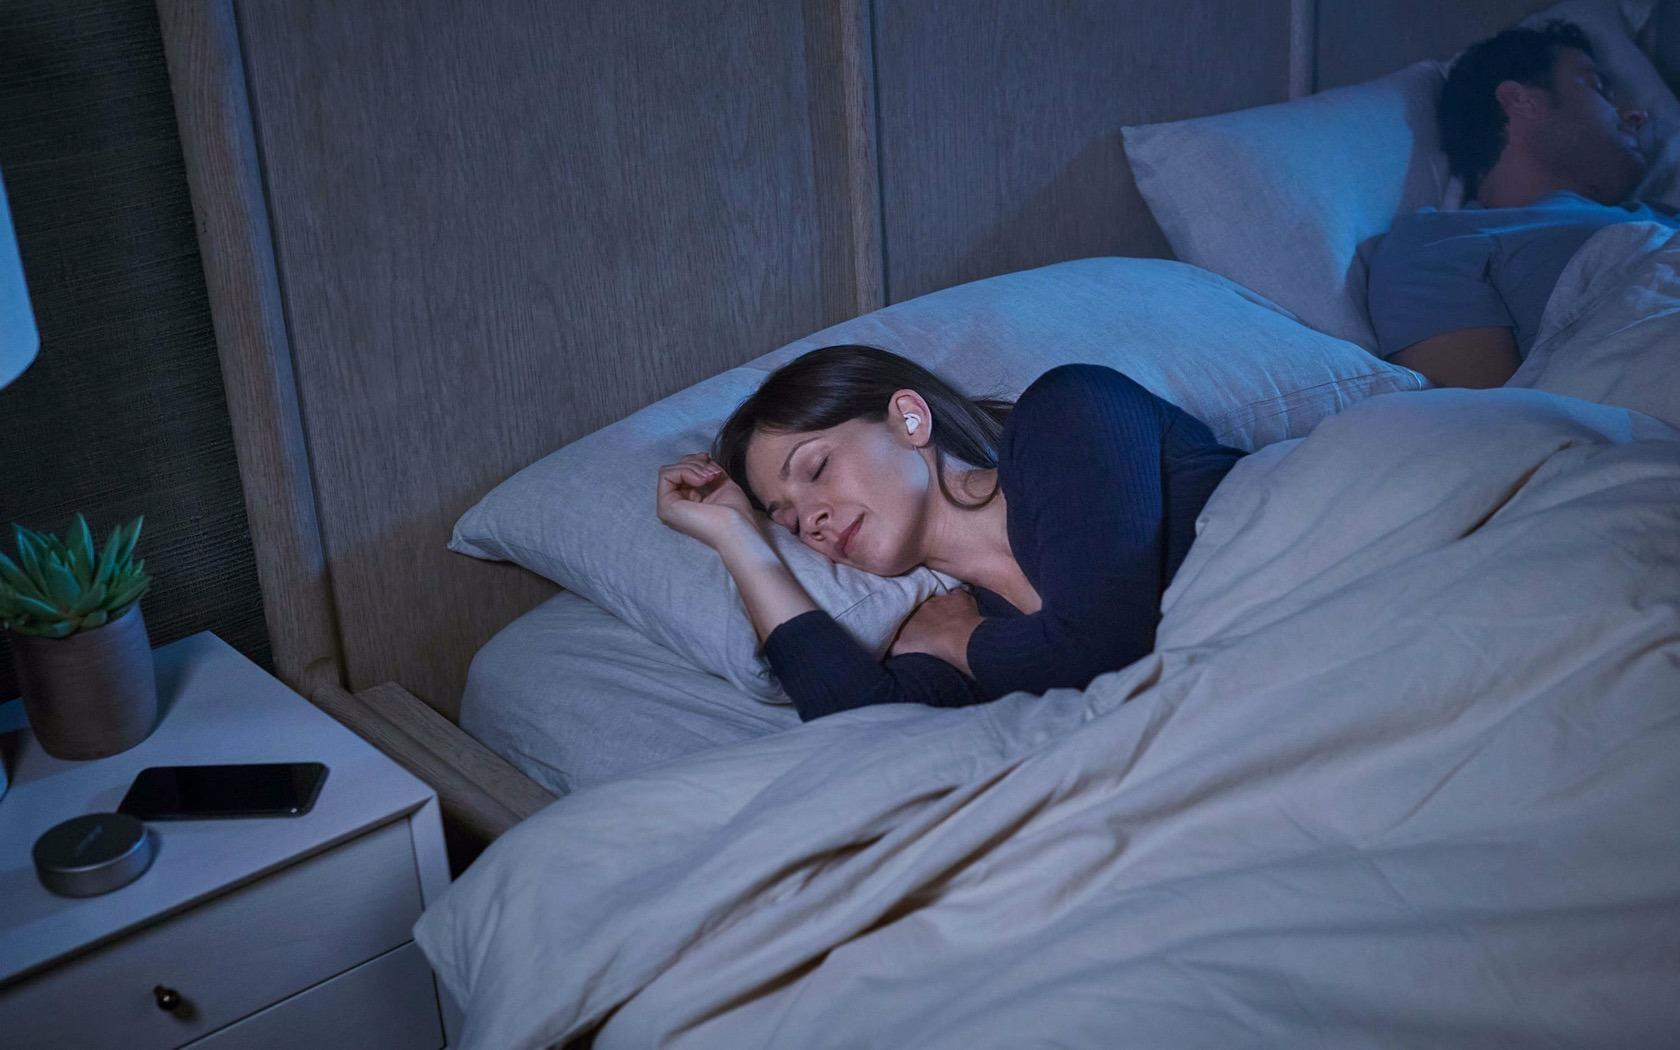 Comment bien dormir ? Les meilleurs objets connectés et applis pour améliorer son sommeil